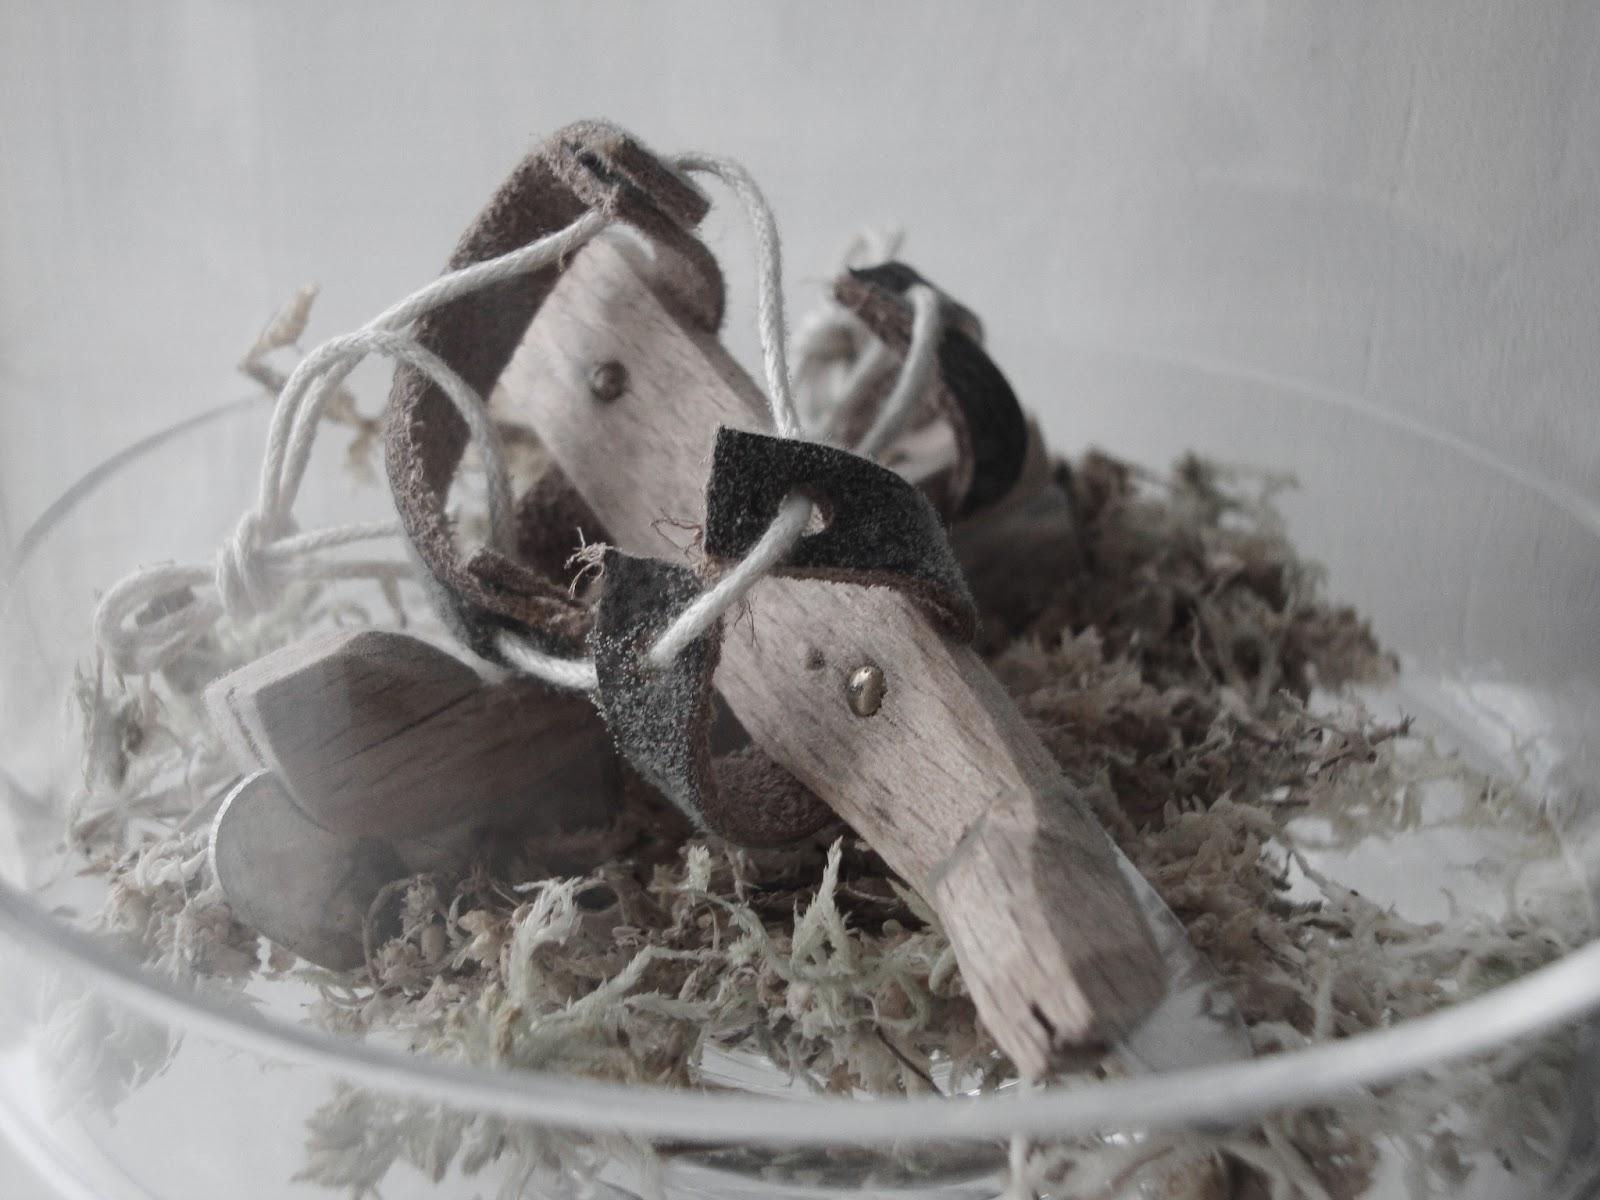 Landelijk wonen decoreren met mini schaatsjes for Wonen landelijke stijl decoreren